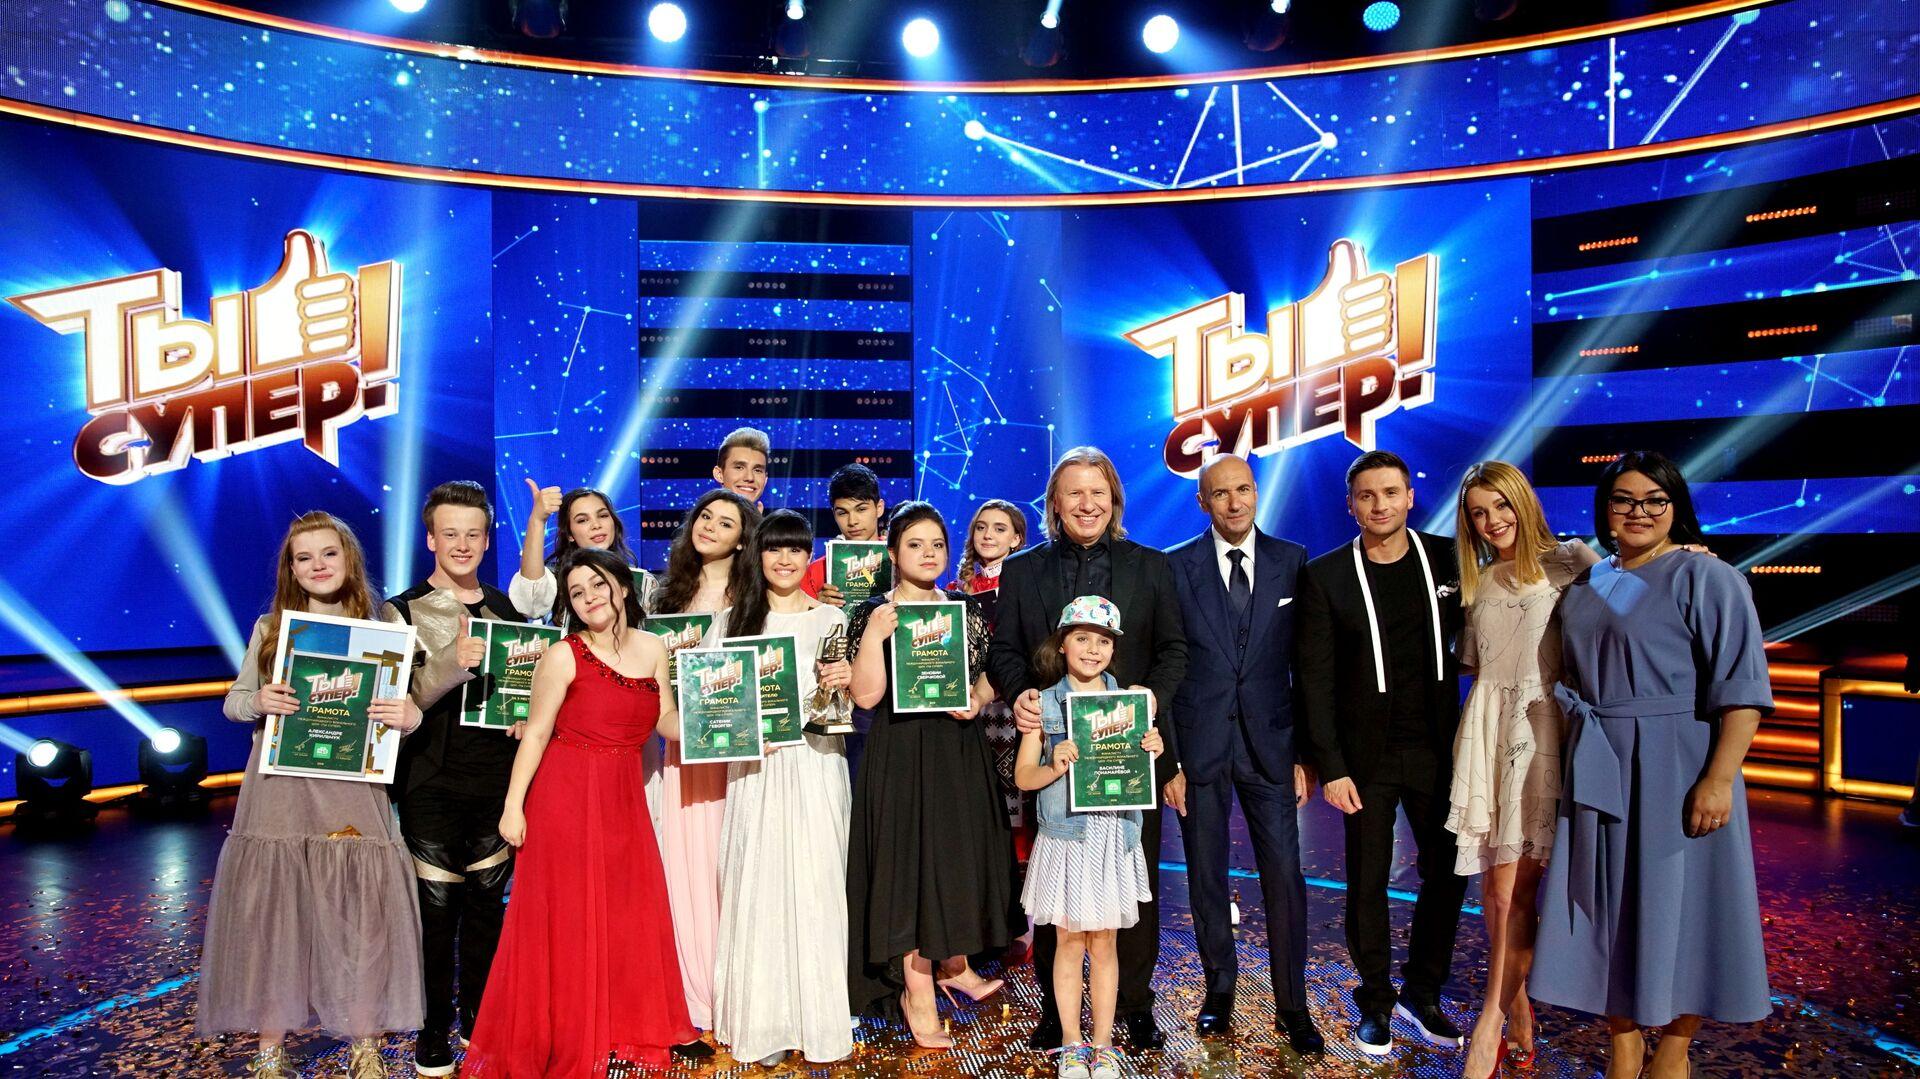 НТВ объявляет о запуске третьего сезона Ты супер! - Sputnik Узбекистан, 1920, 03.09.2021